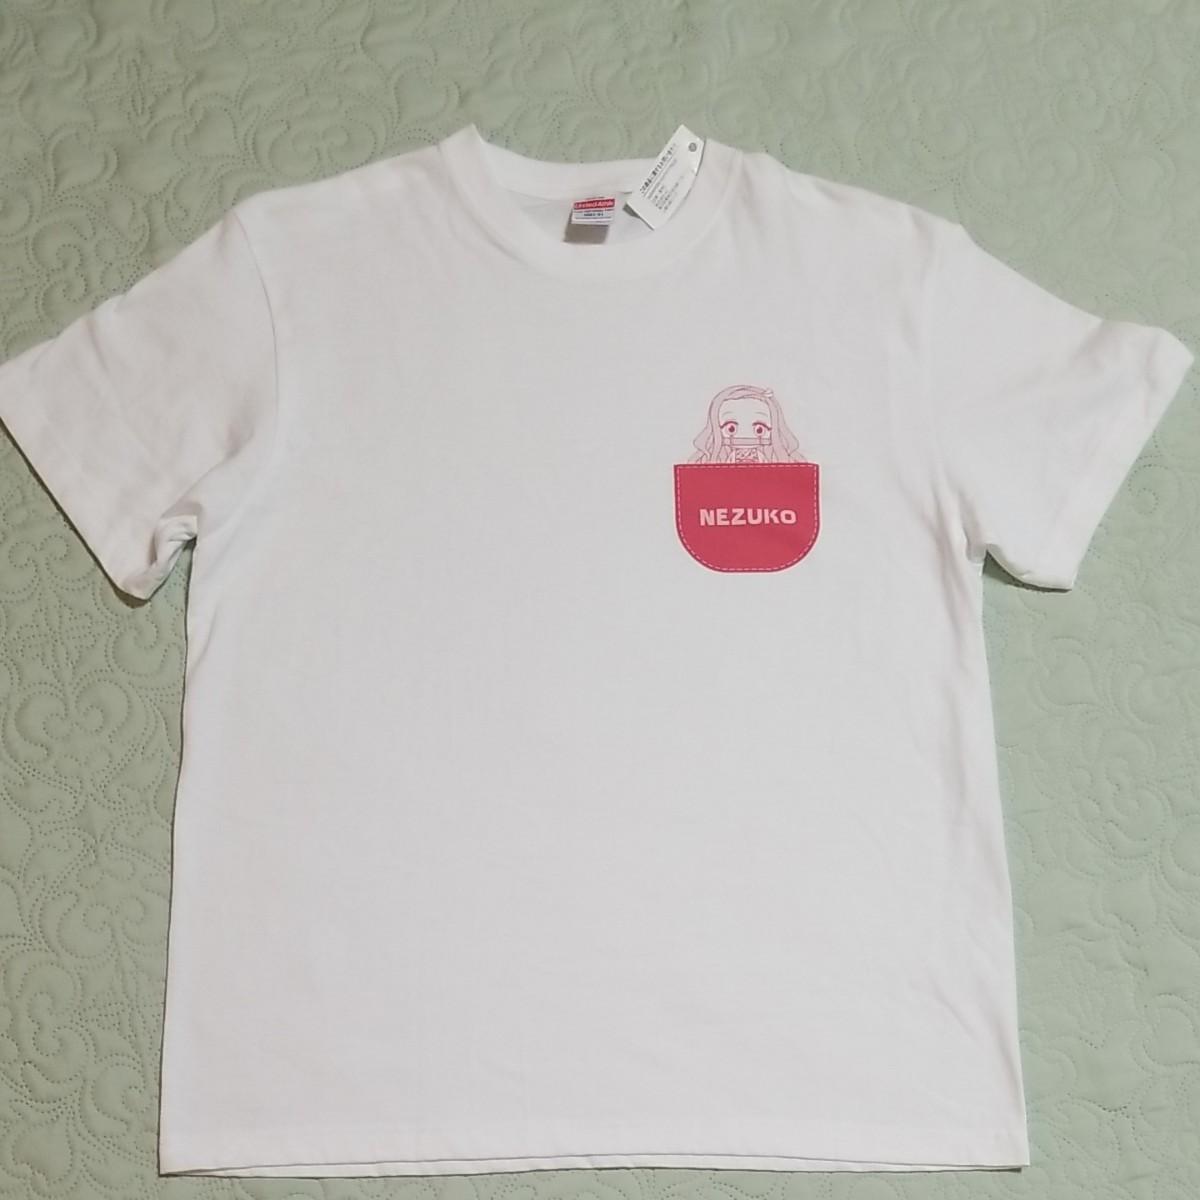 【鬼滅の刃】禰豆子(ねずこ)Tシャツ Lサイズ